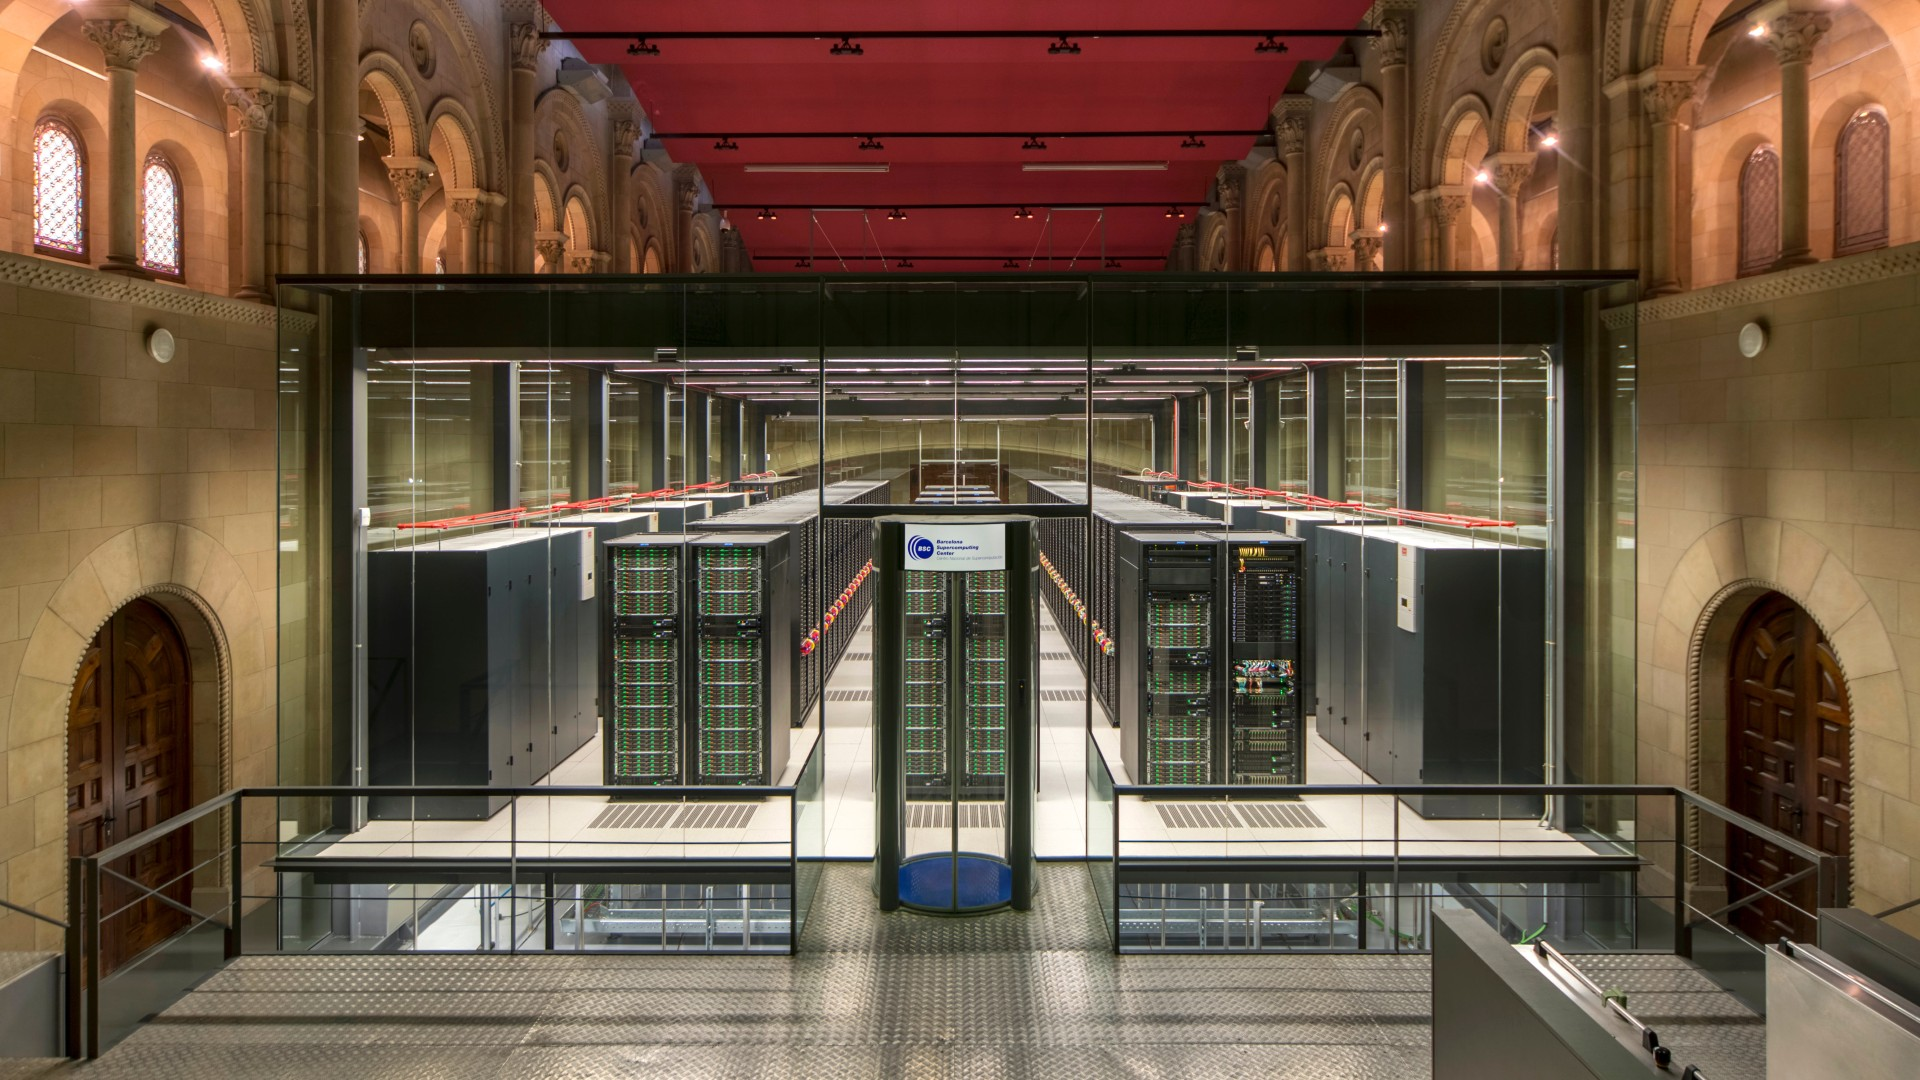 Pla general del supercomputador MareNostrum 4, a la capella de Torre Girona